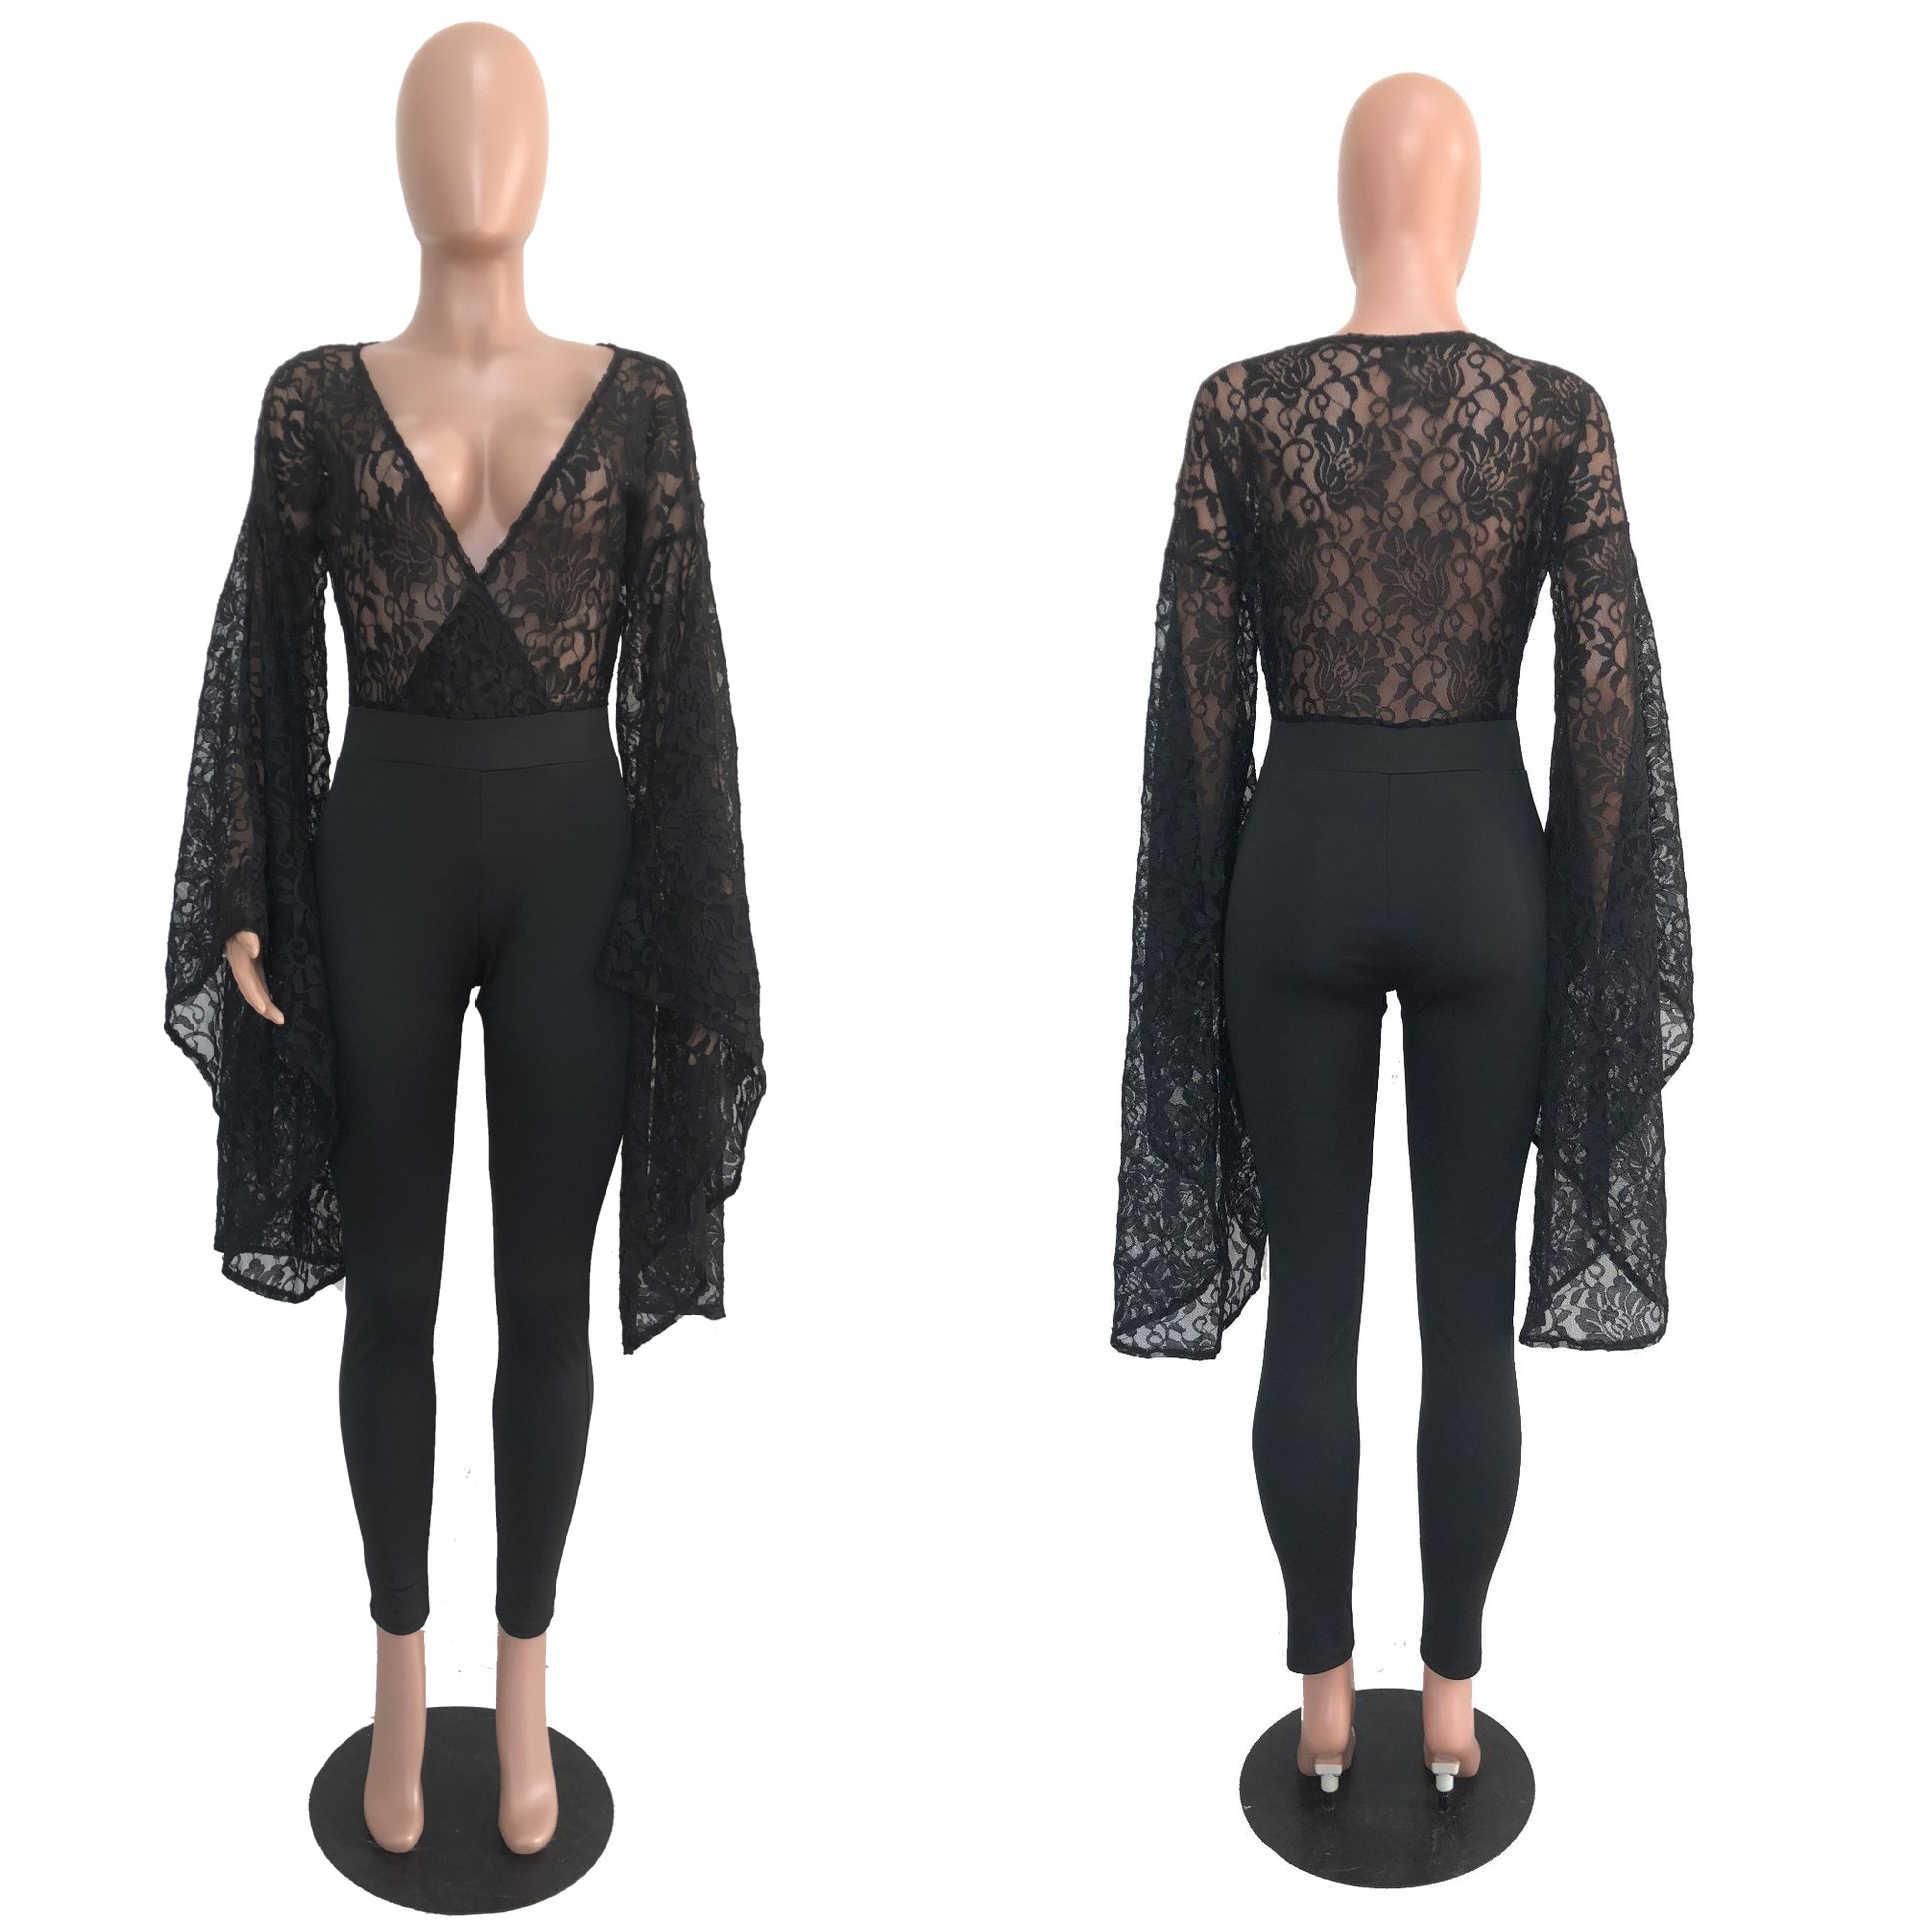 Adogirl сексуальный прозрачный лоскутный кружевной глубокий v-образный вырез комбинезон для женщин повседневные расклешенные рукава вечерние клубная одежда Нарядные комбинезоны Femme комбинезоны